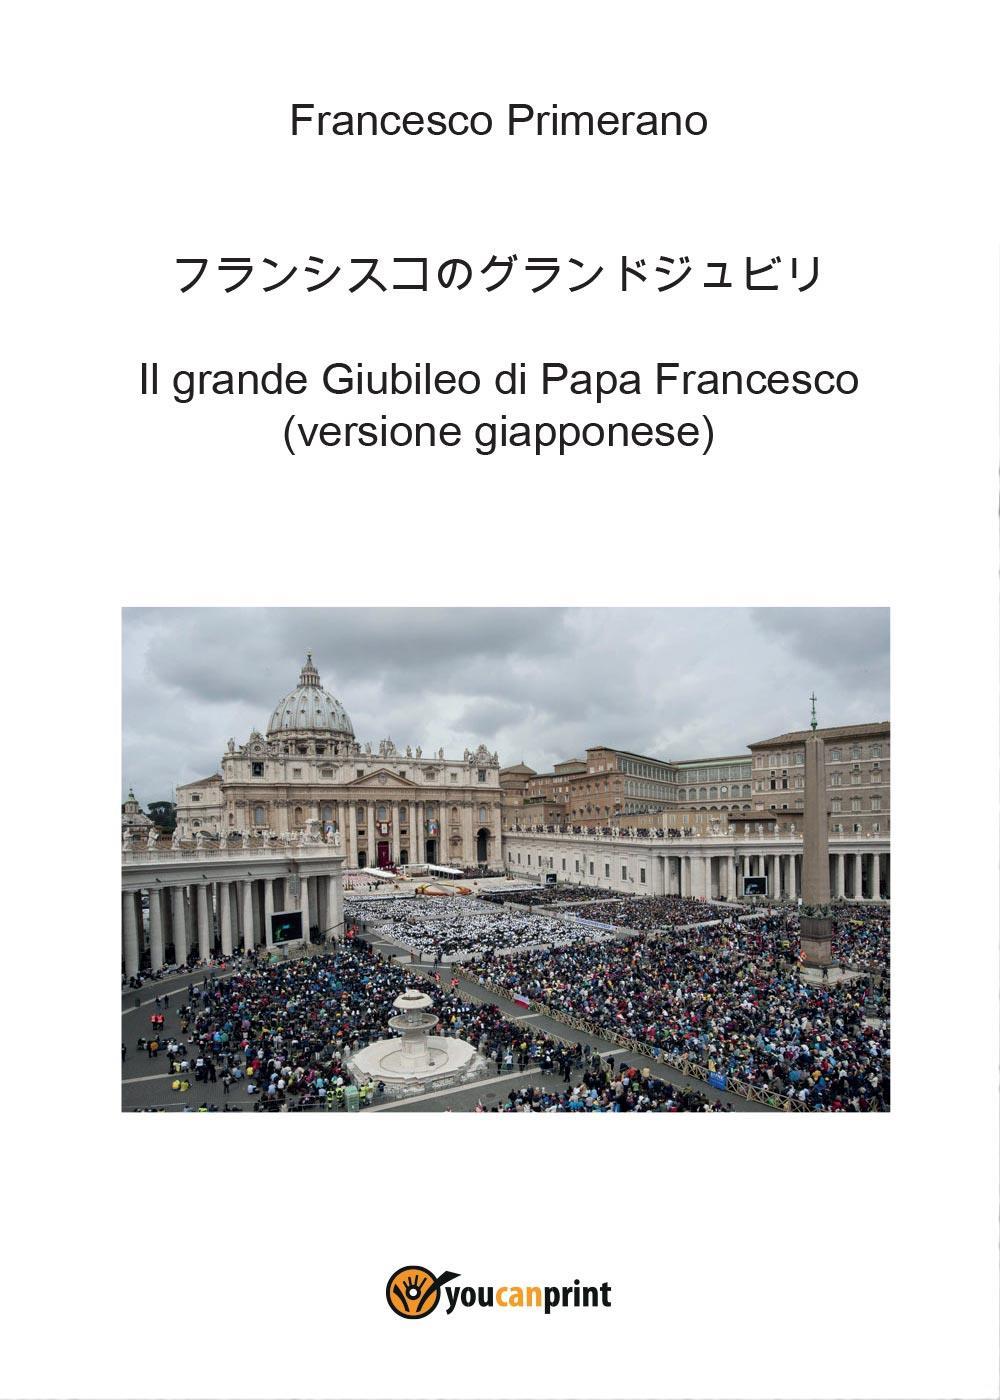 フランシスコのグランドジュビリー Il grande Giubileo di Papa Francesco (versione giapponese)